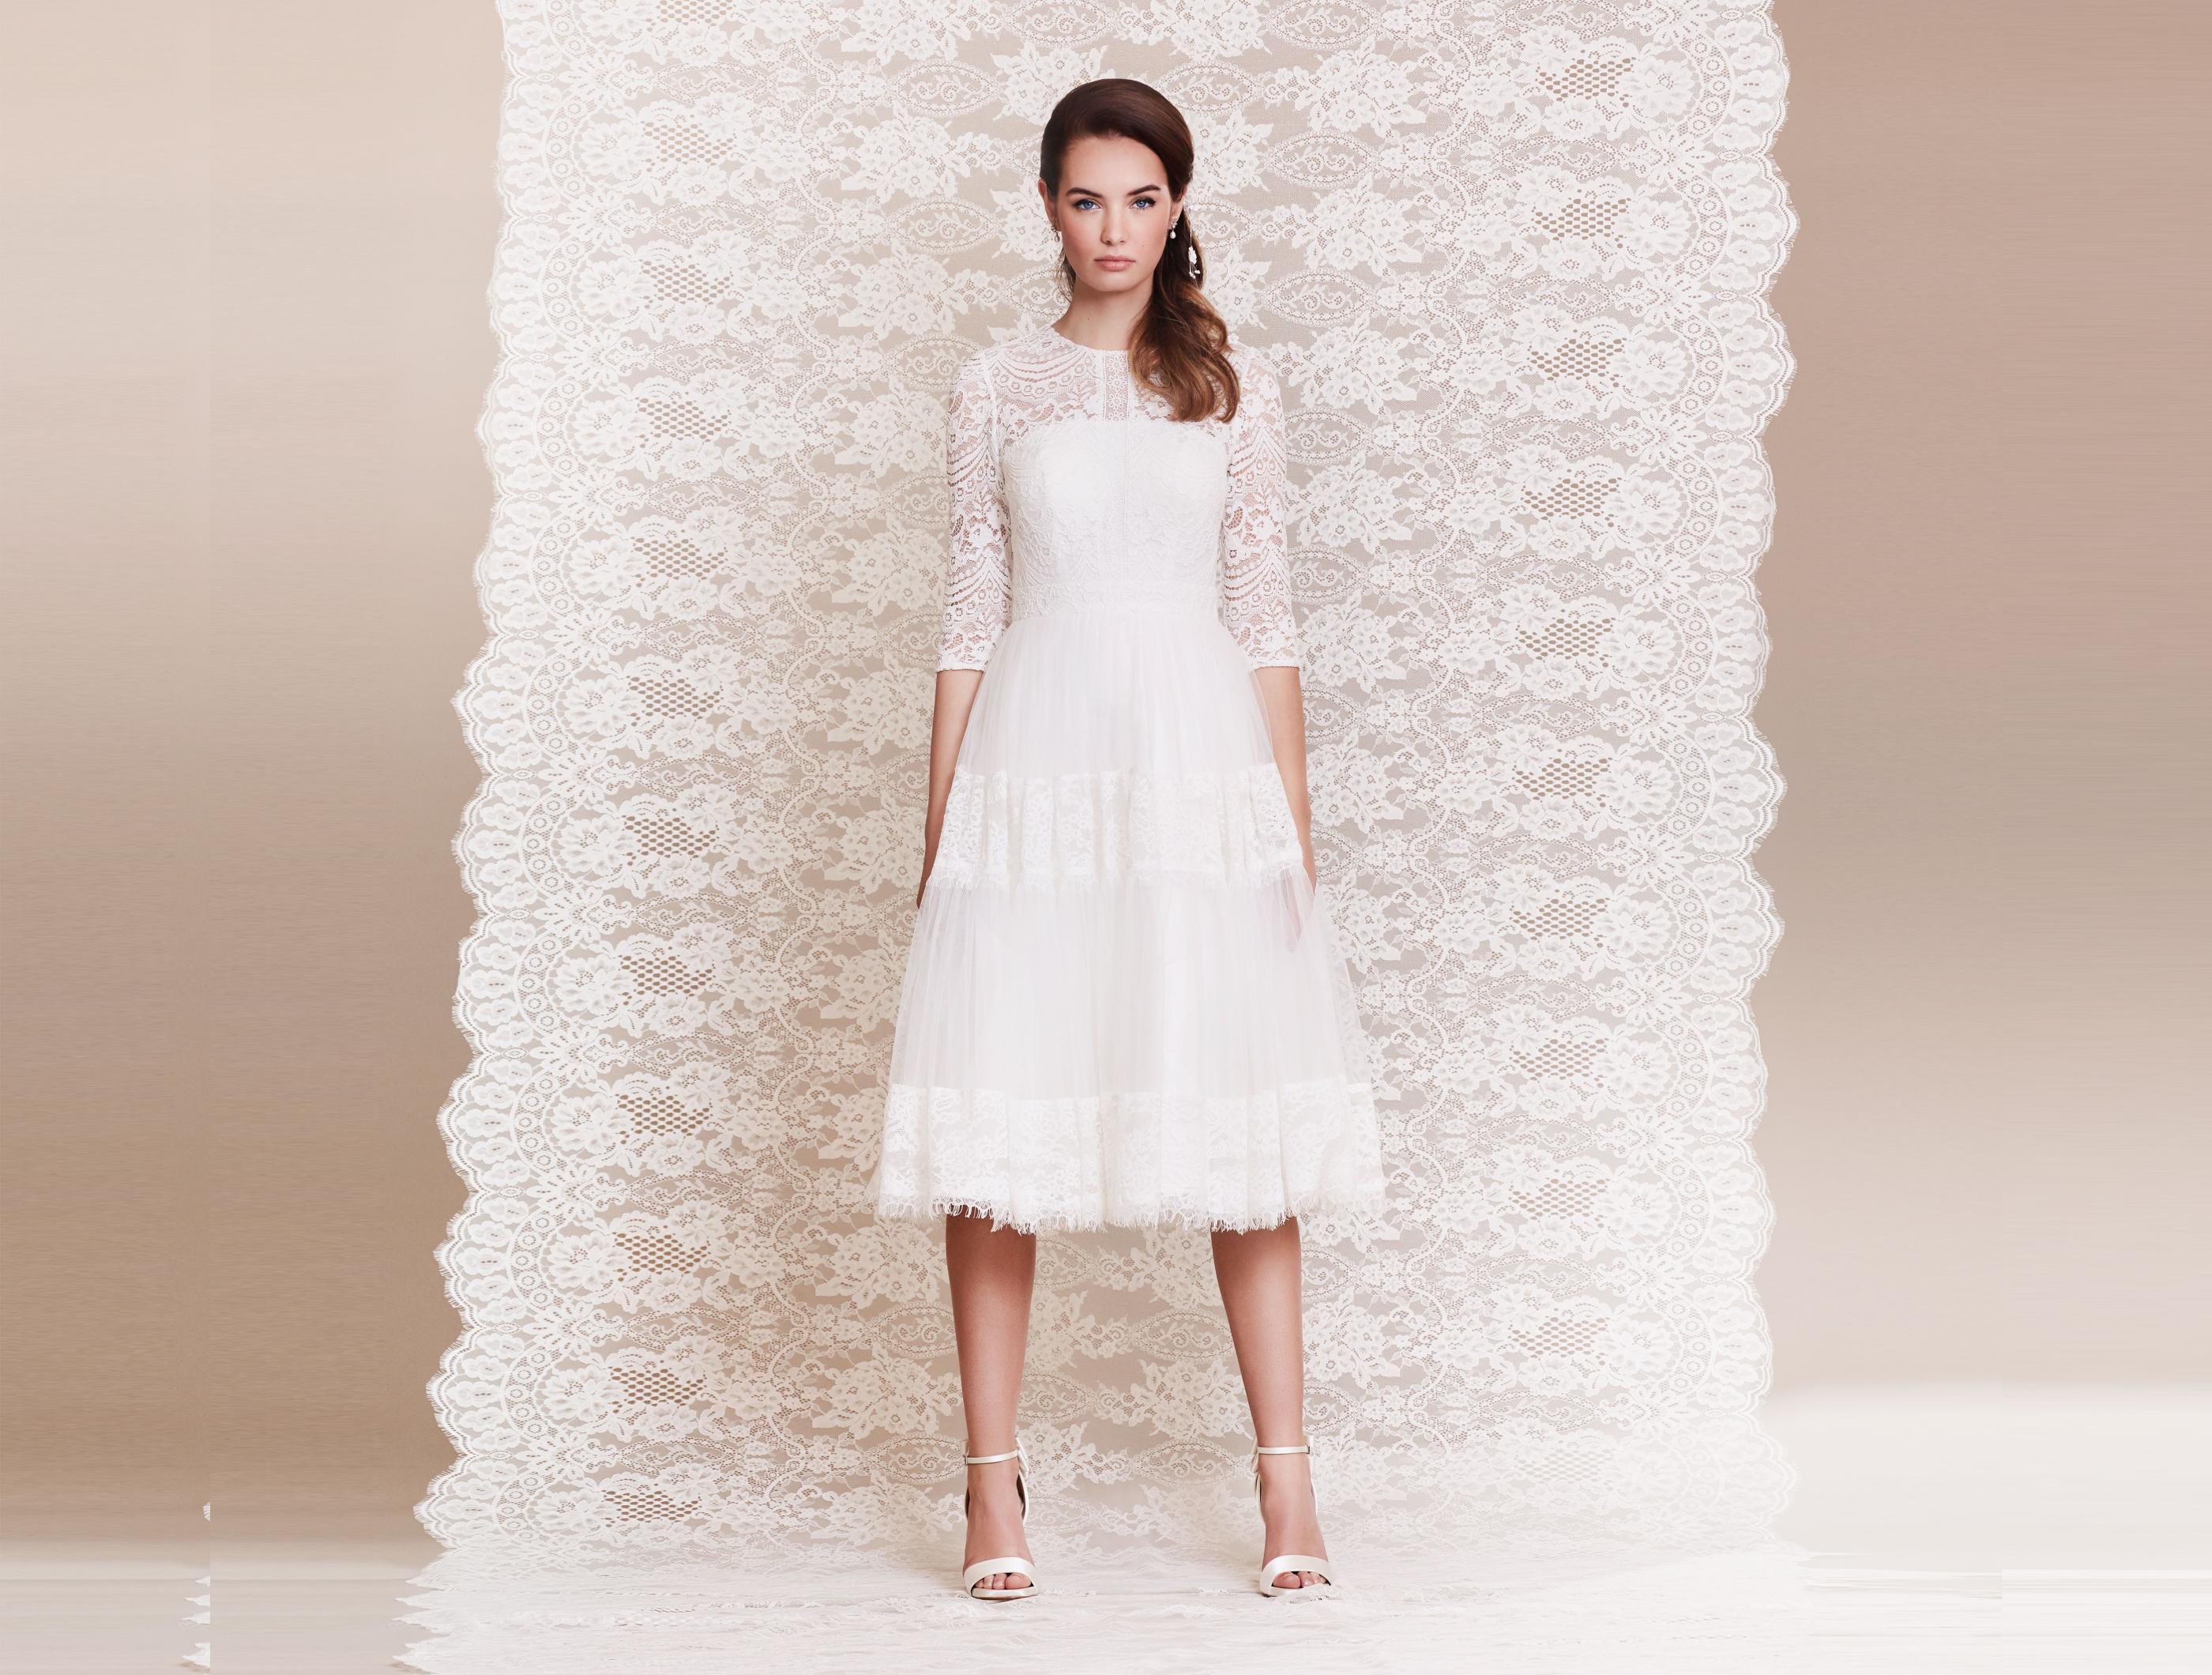 Spitzen-Brautkleid im Boho-Stil